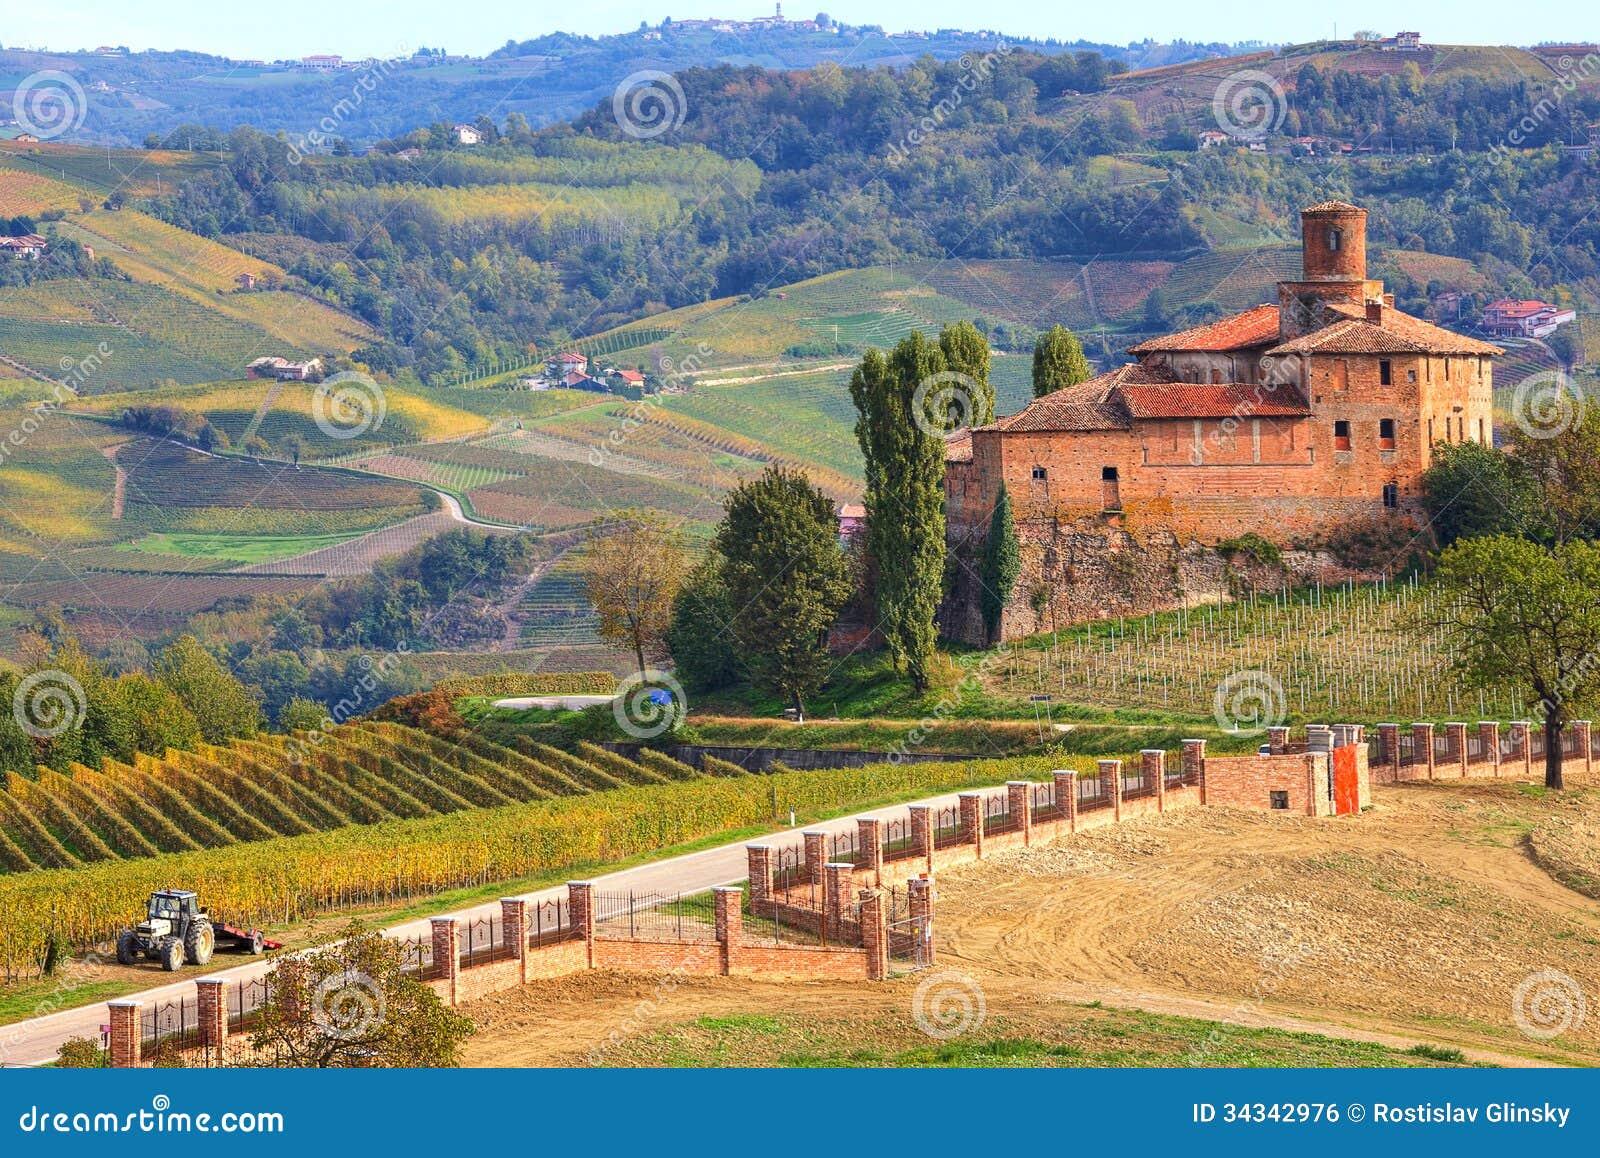 Vieux ch teau et vignobles dans pi mont italie image for Dans italien